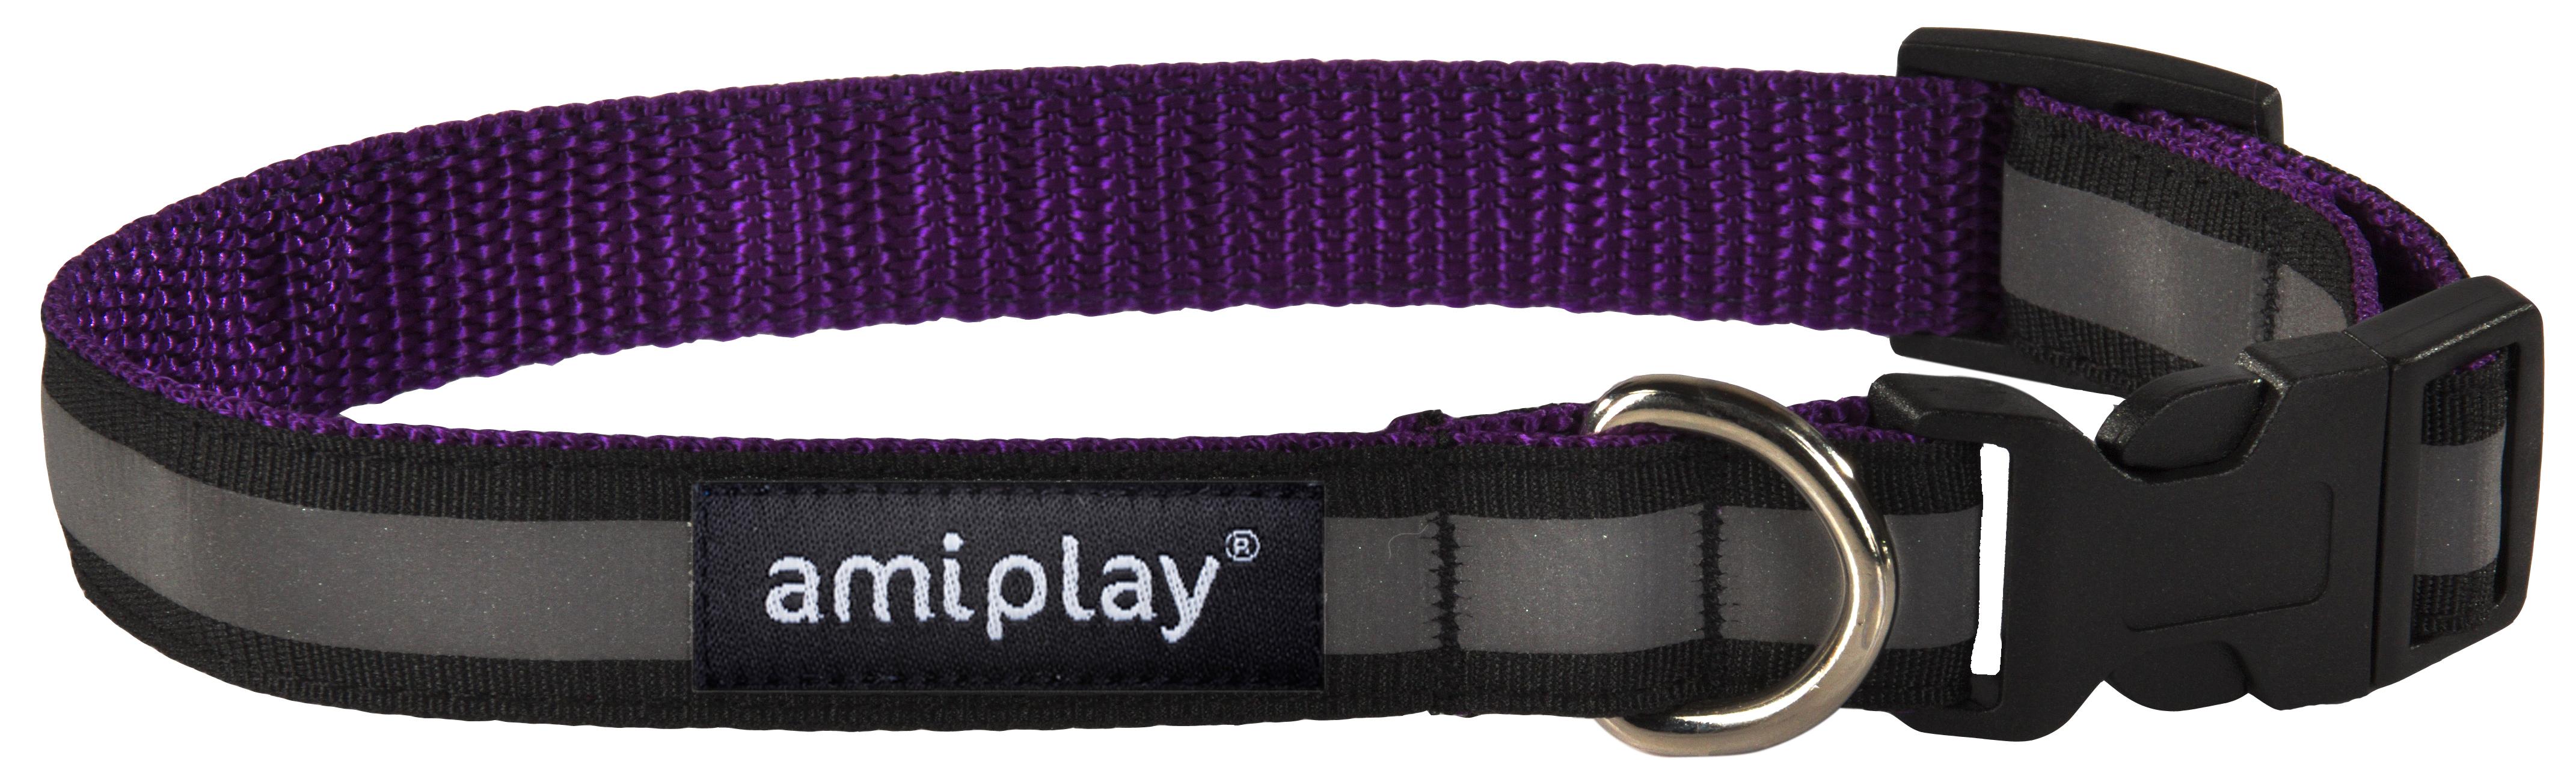 Obojek pro psa nylonový reflexní - fialový - 2,5 x 34 - 55 cm